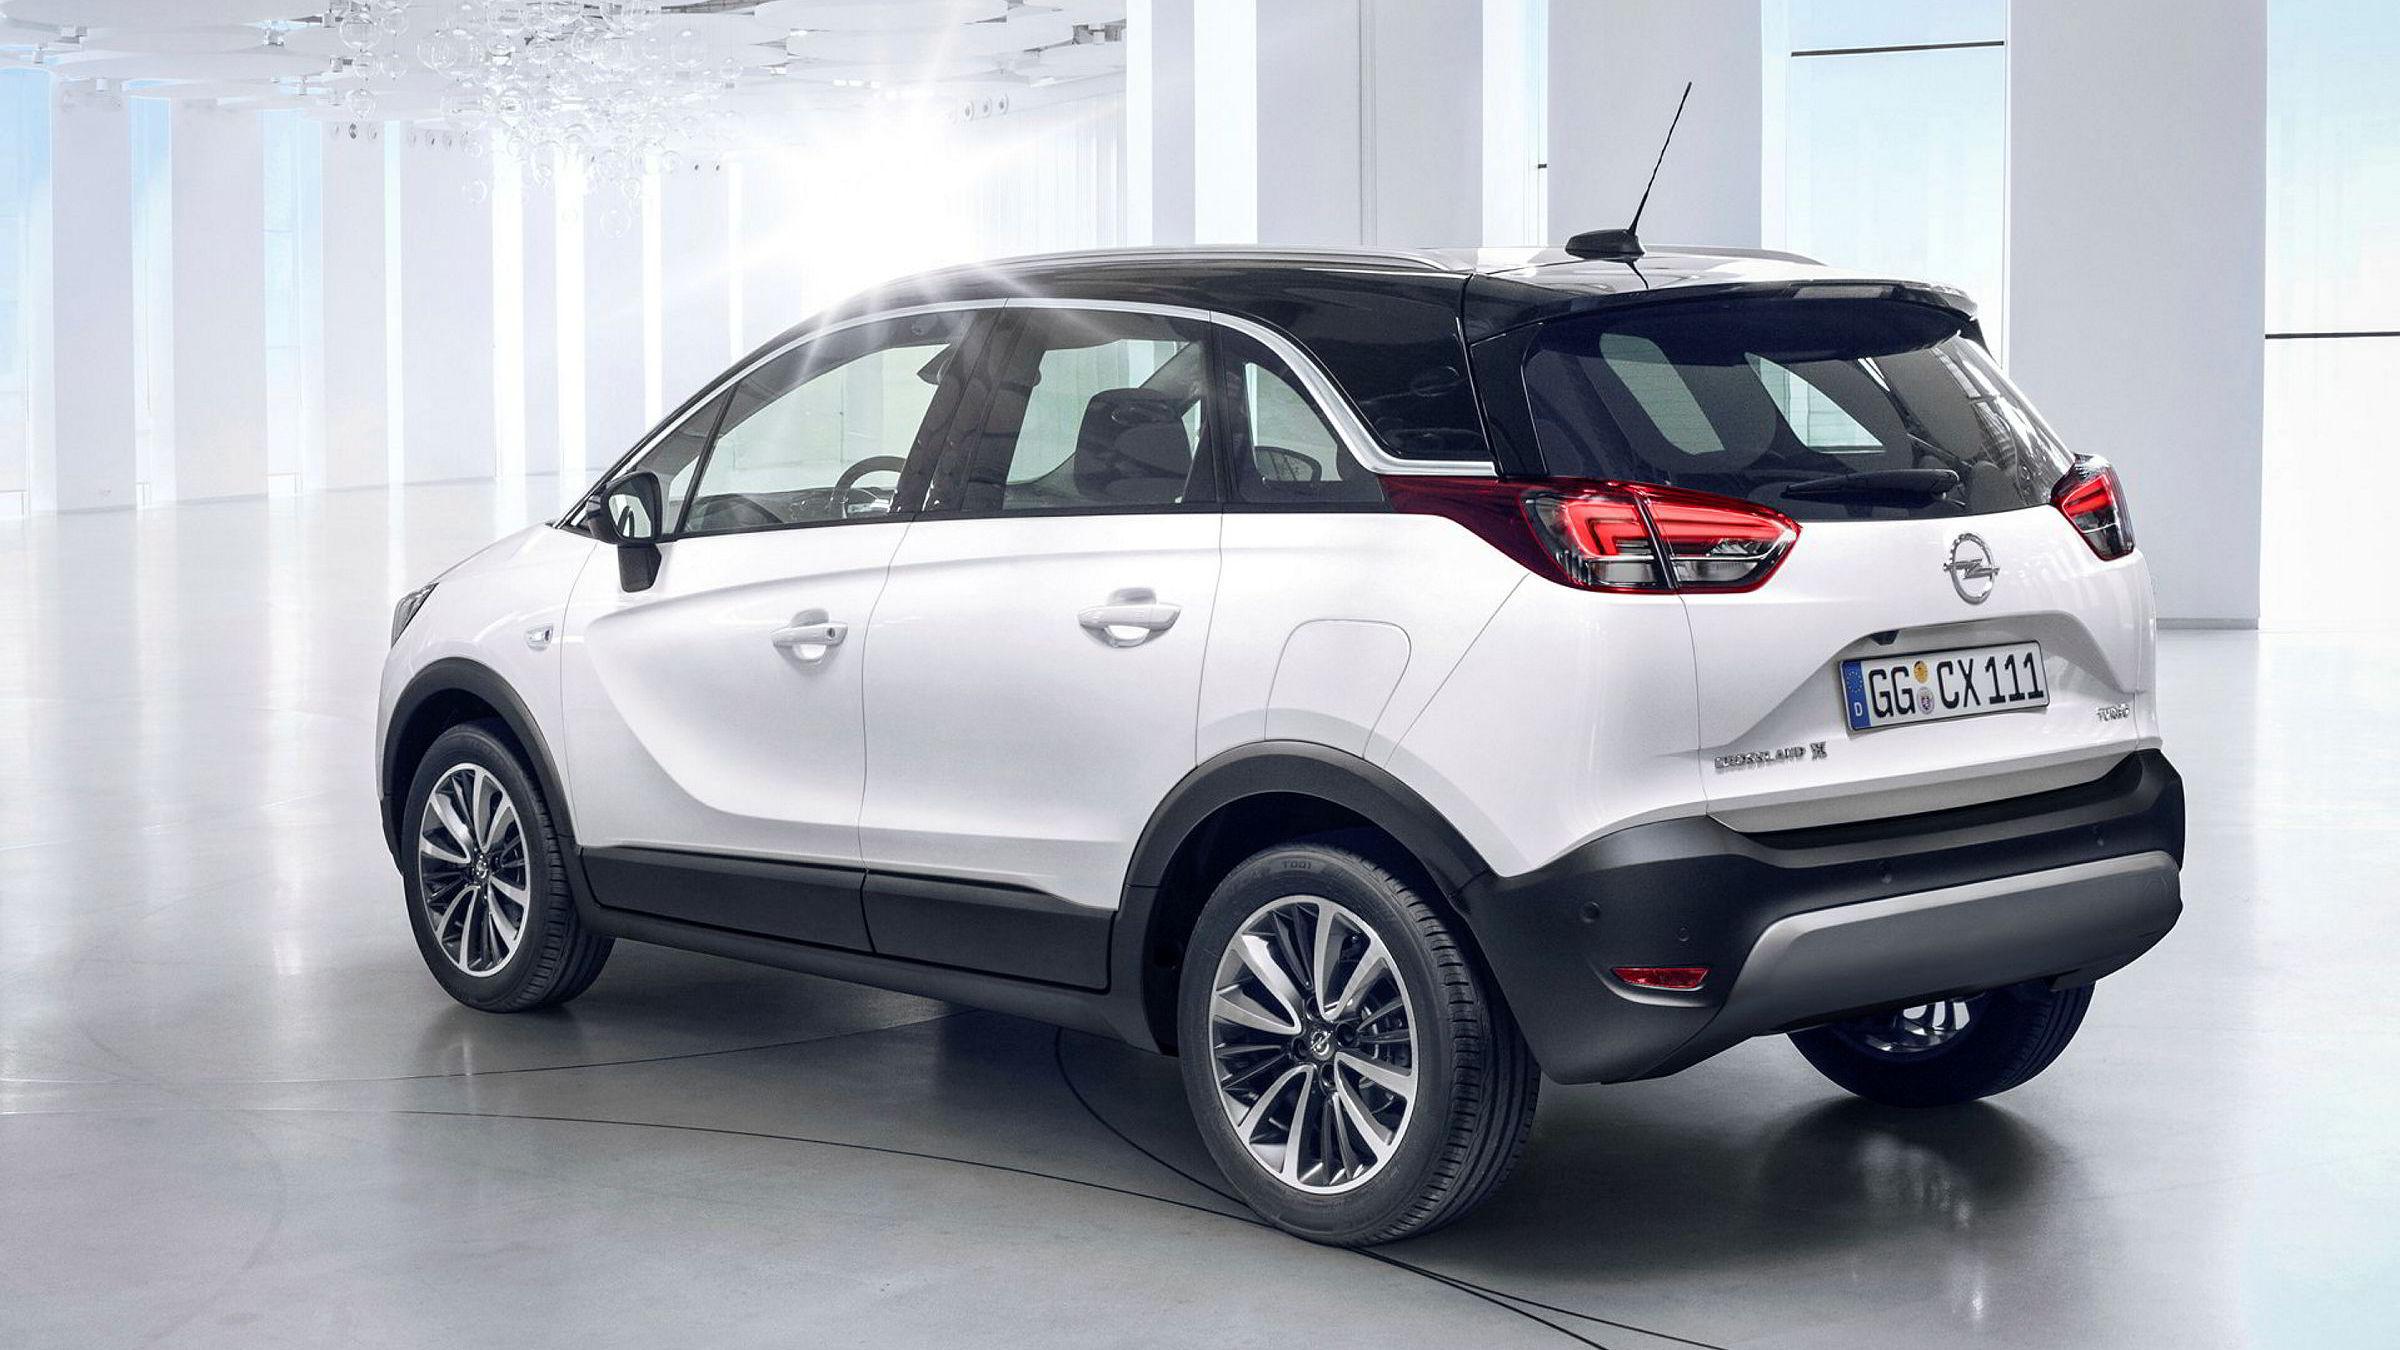 Opel tar sikte på å dekke flere nisjer innen suv-segmentet. Crossland X er kortere enn dagens Mokka X.